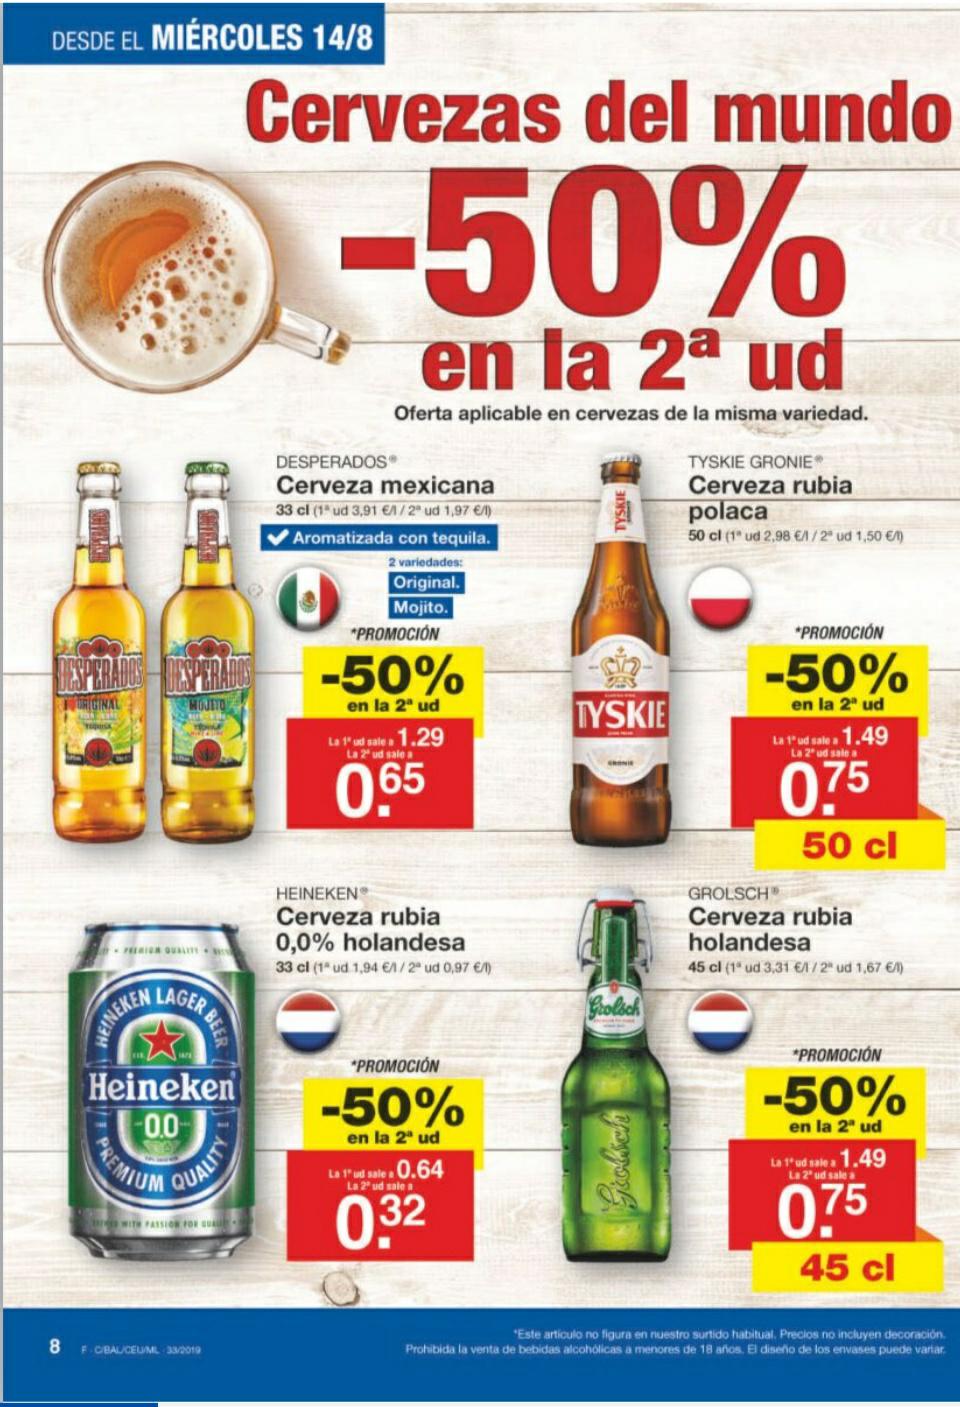 Lidl: Cervezas del mundo al 50% 2ª unidad